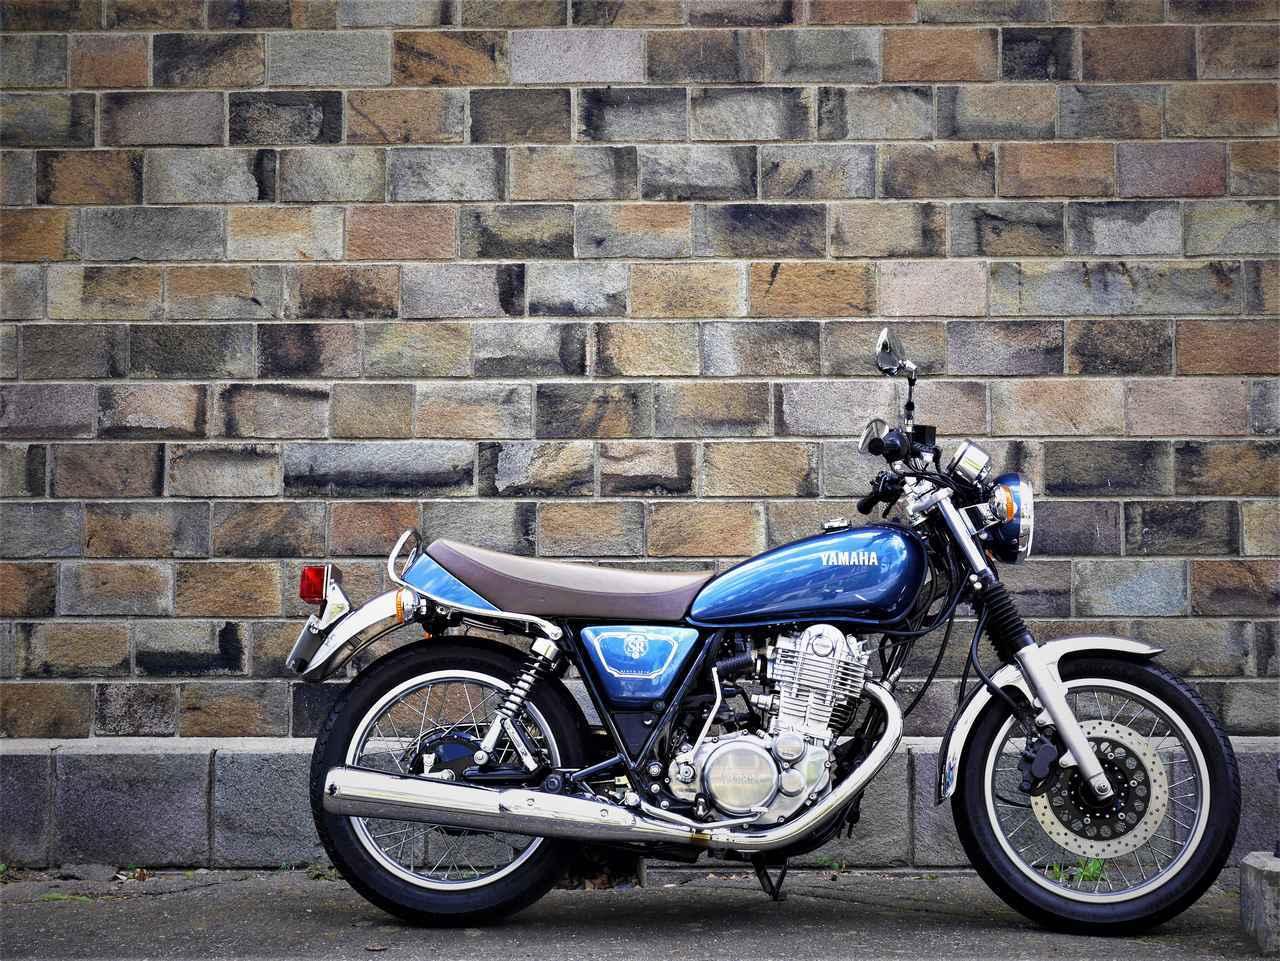 画像: 《中編》SR400はカスタムするにしても、ノーマルで楽しむにしても『新車』から乗るべきだと思う理由 - webオートバイ